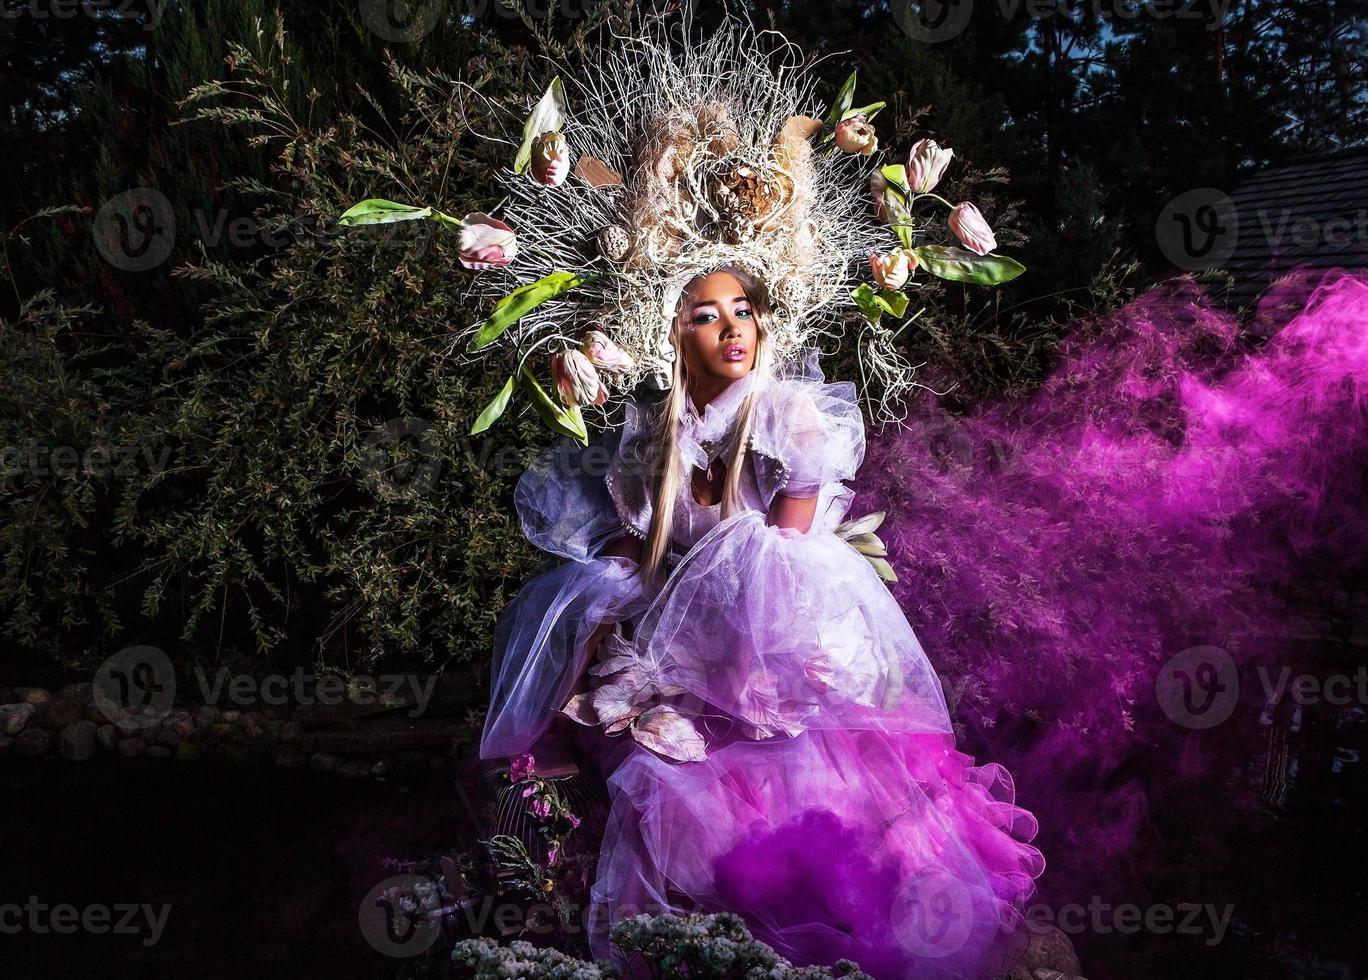 immagine di moda della ragazza sensuale nella stilizzazione fantasy brillante. foto